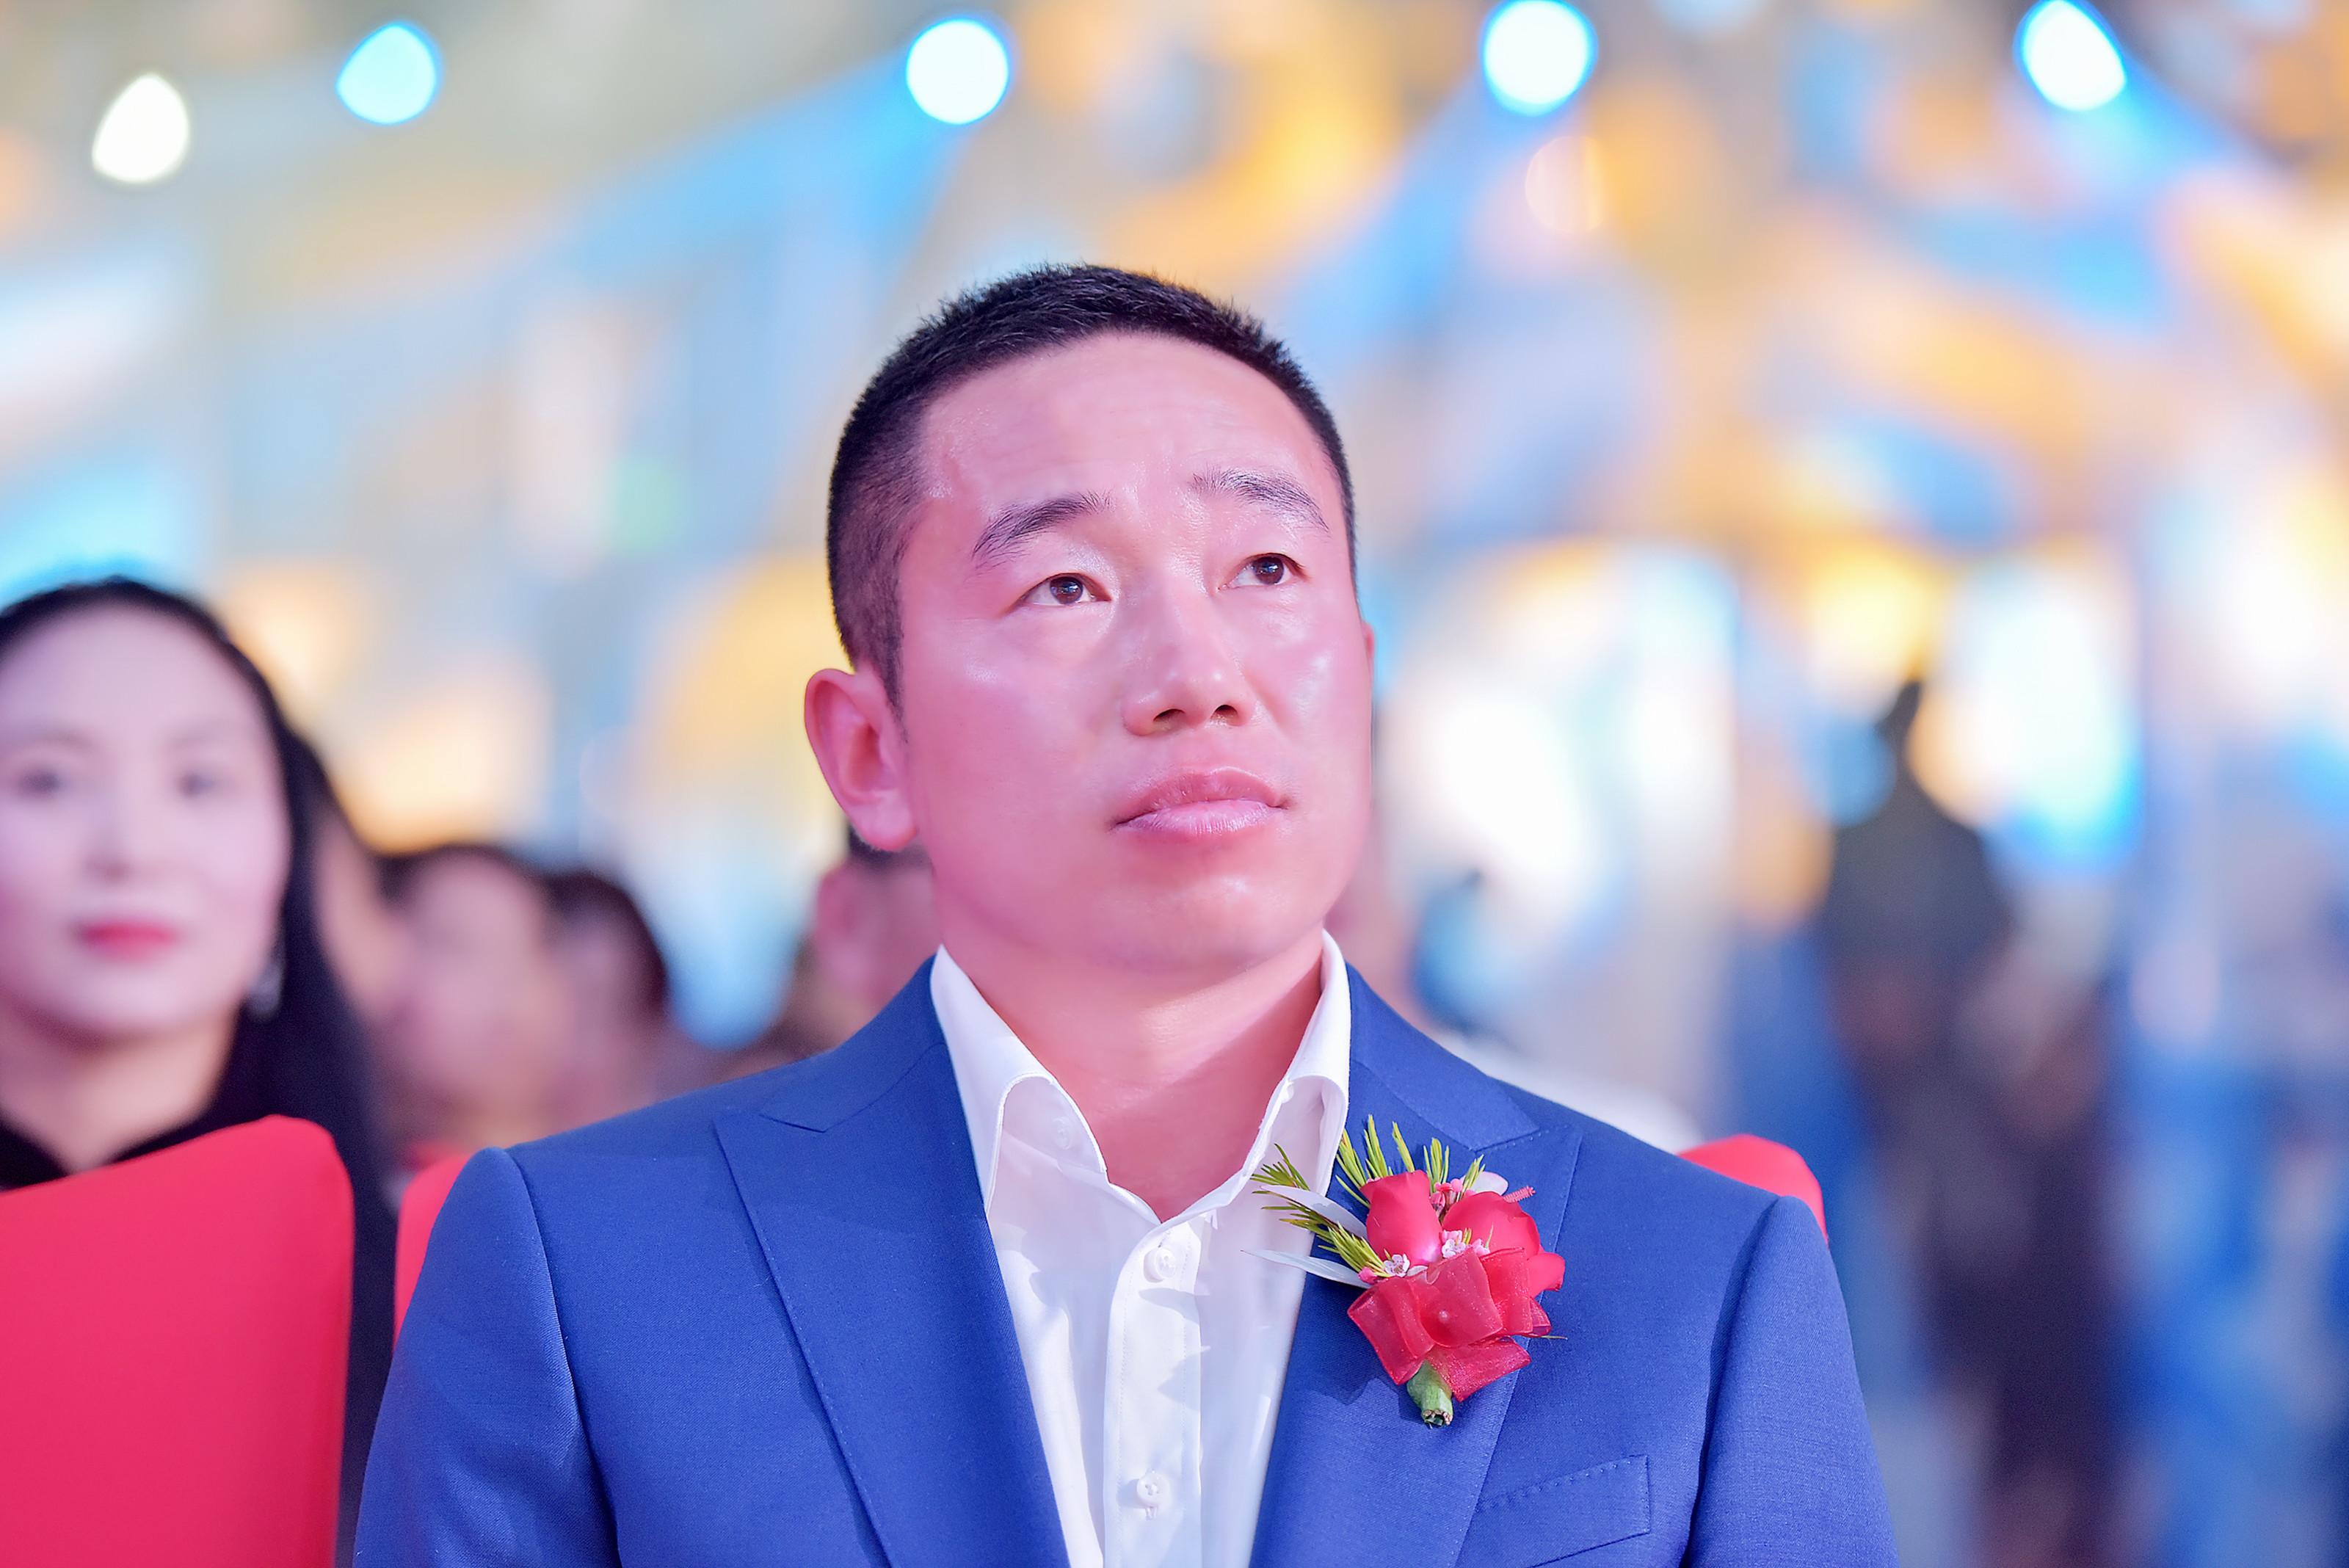 金牌制片人杨睿,从业者要对影视行业有敬畏